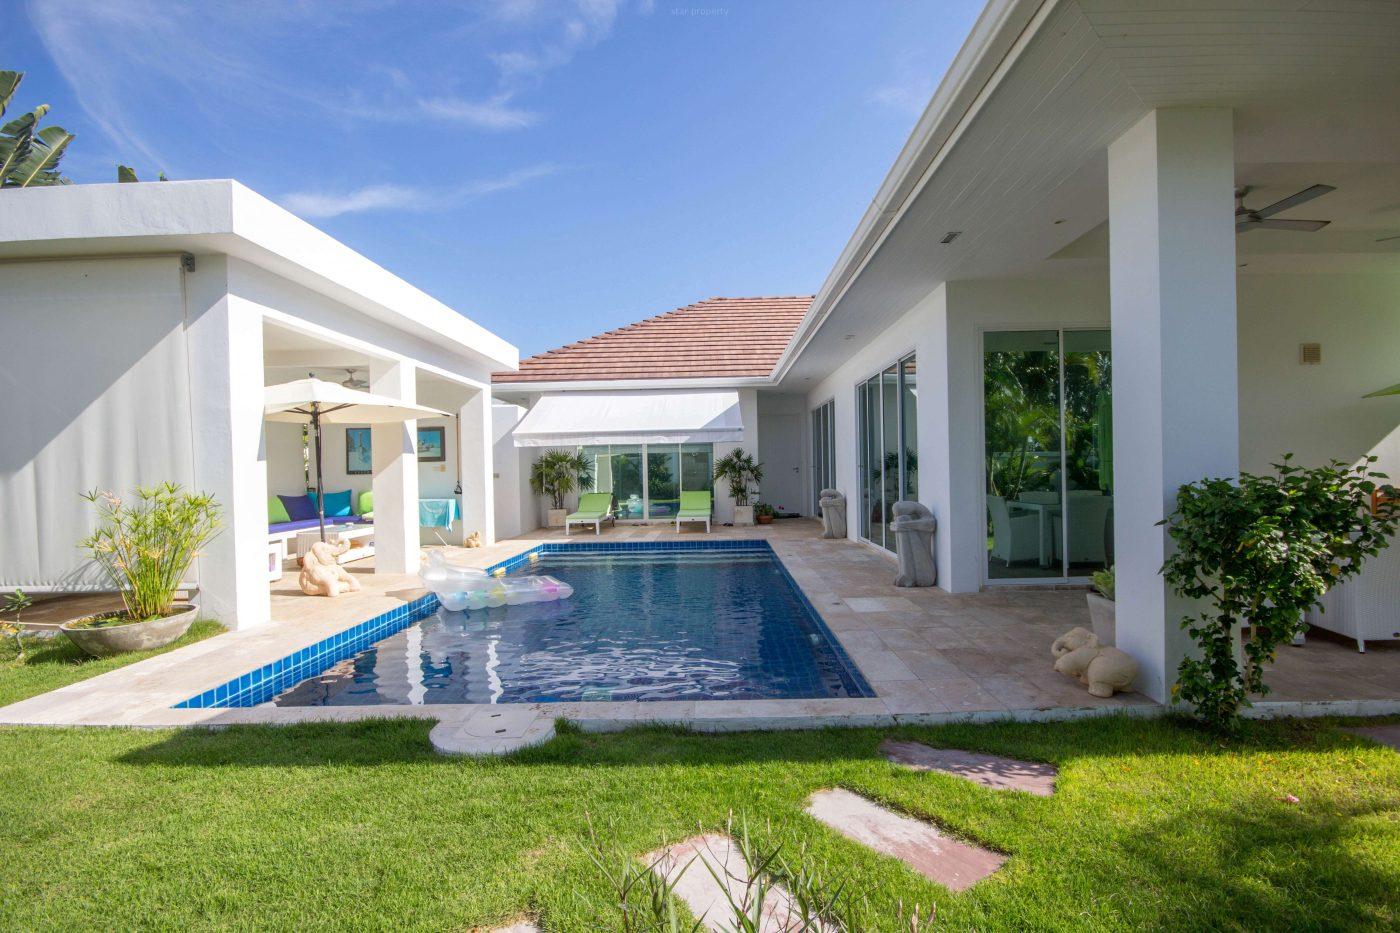 Beautiful Modern Pool Villa for Sale Soi 88 at Hua Hin District, Prachuap Khiri Khan, Thailand